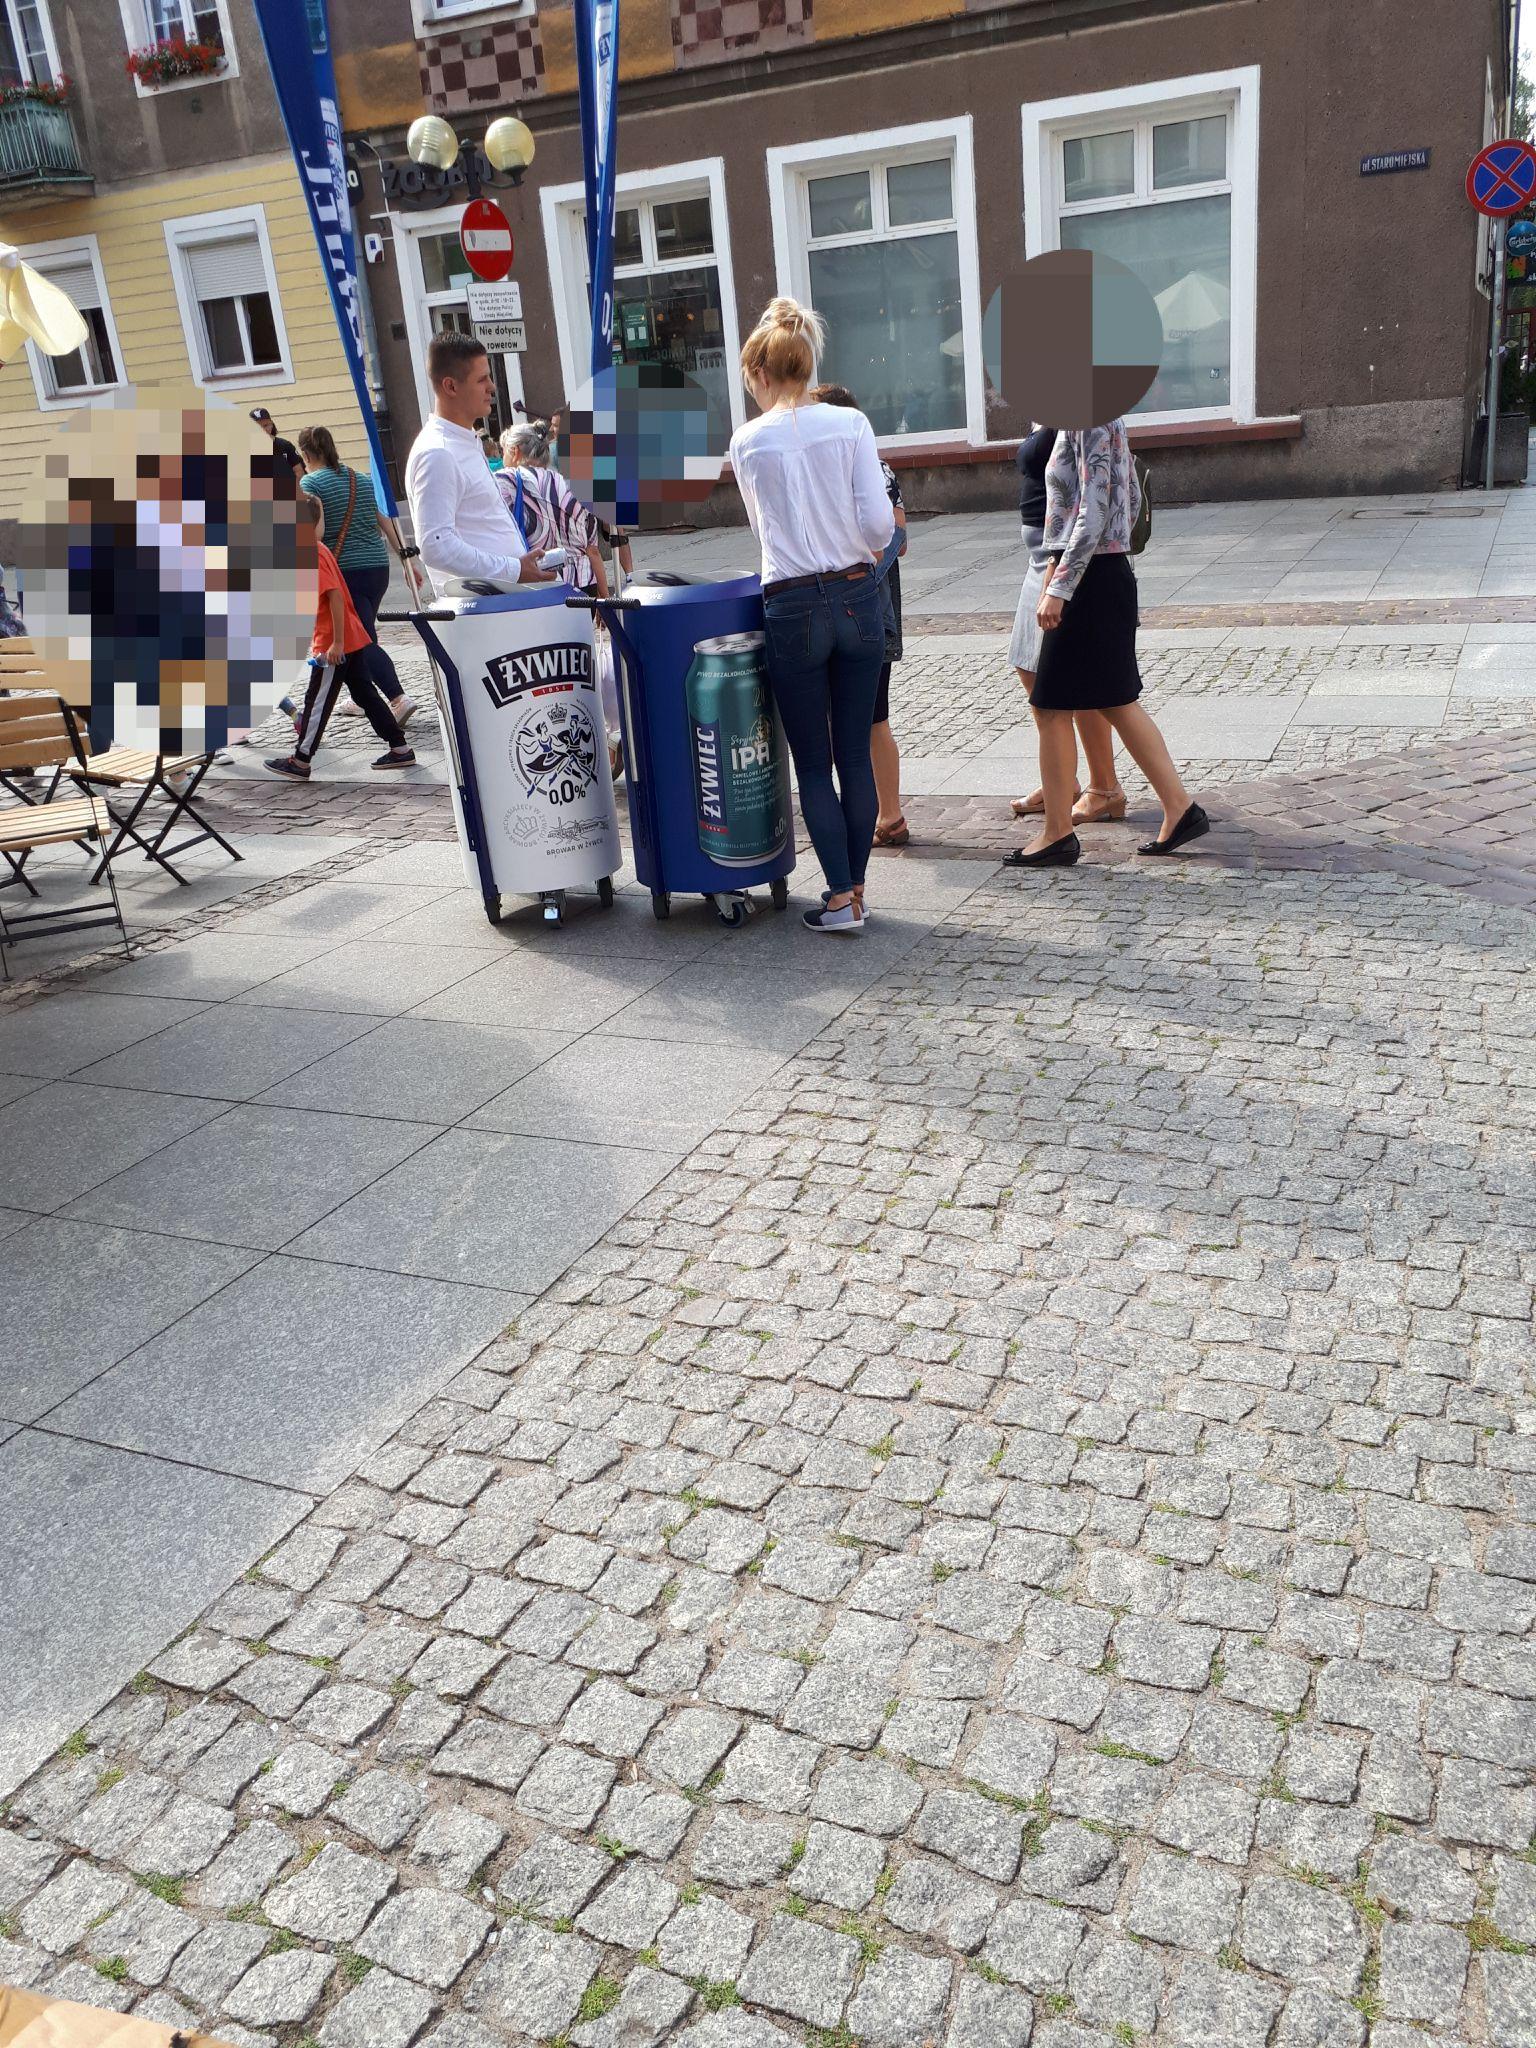 Dwa rodzaje Żywiec 0.0% za darmo w Olsztynie na starym mieście